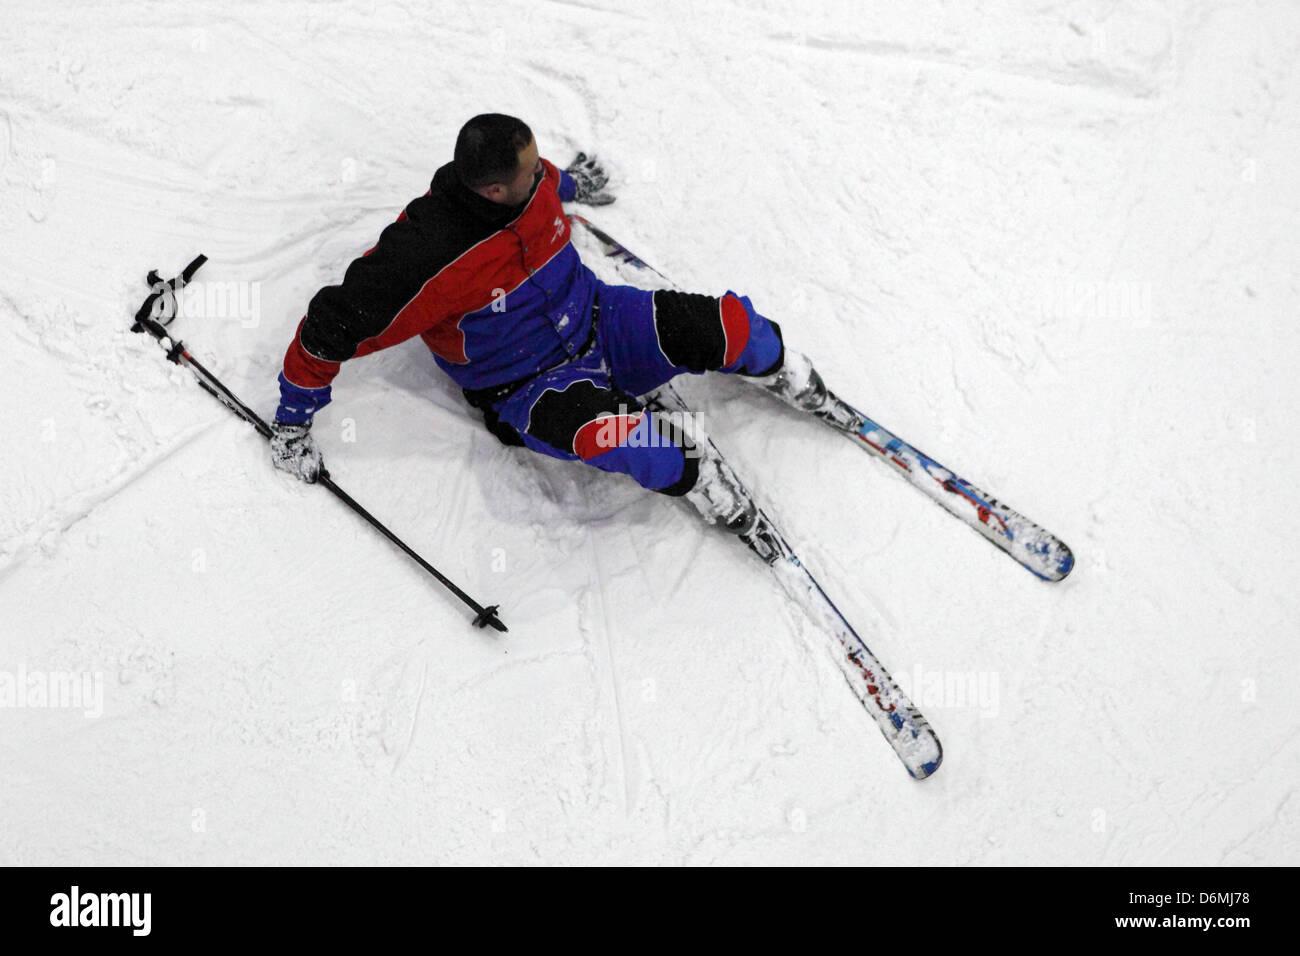 Dubai, United Arab Emirates, man crashed while skiing - Stock Image